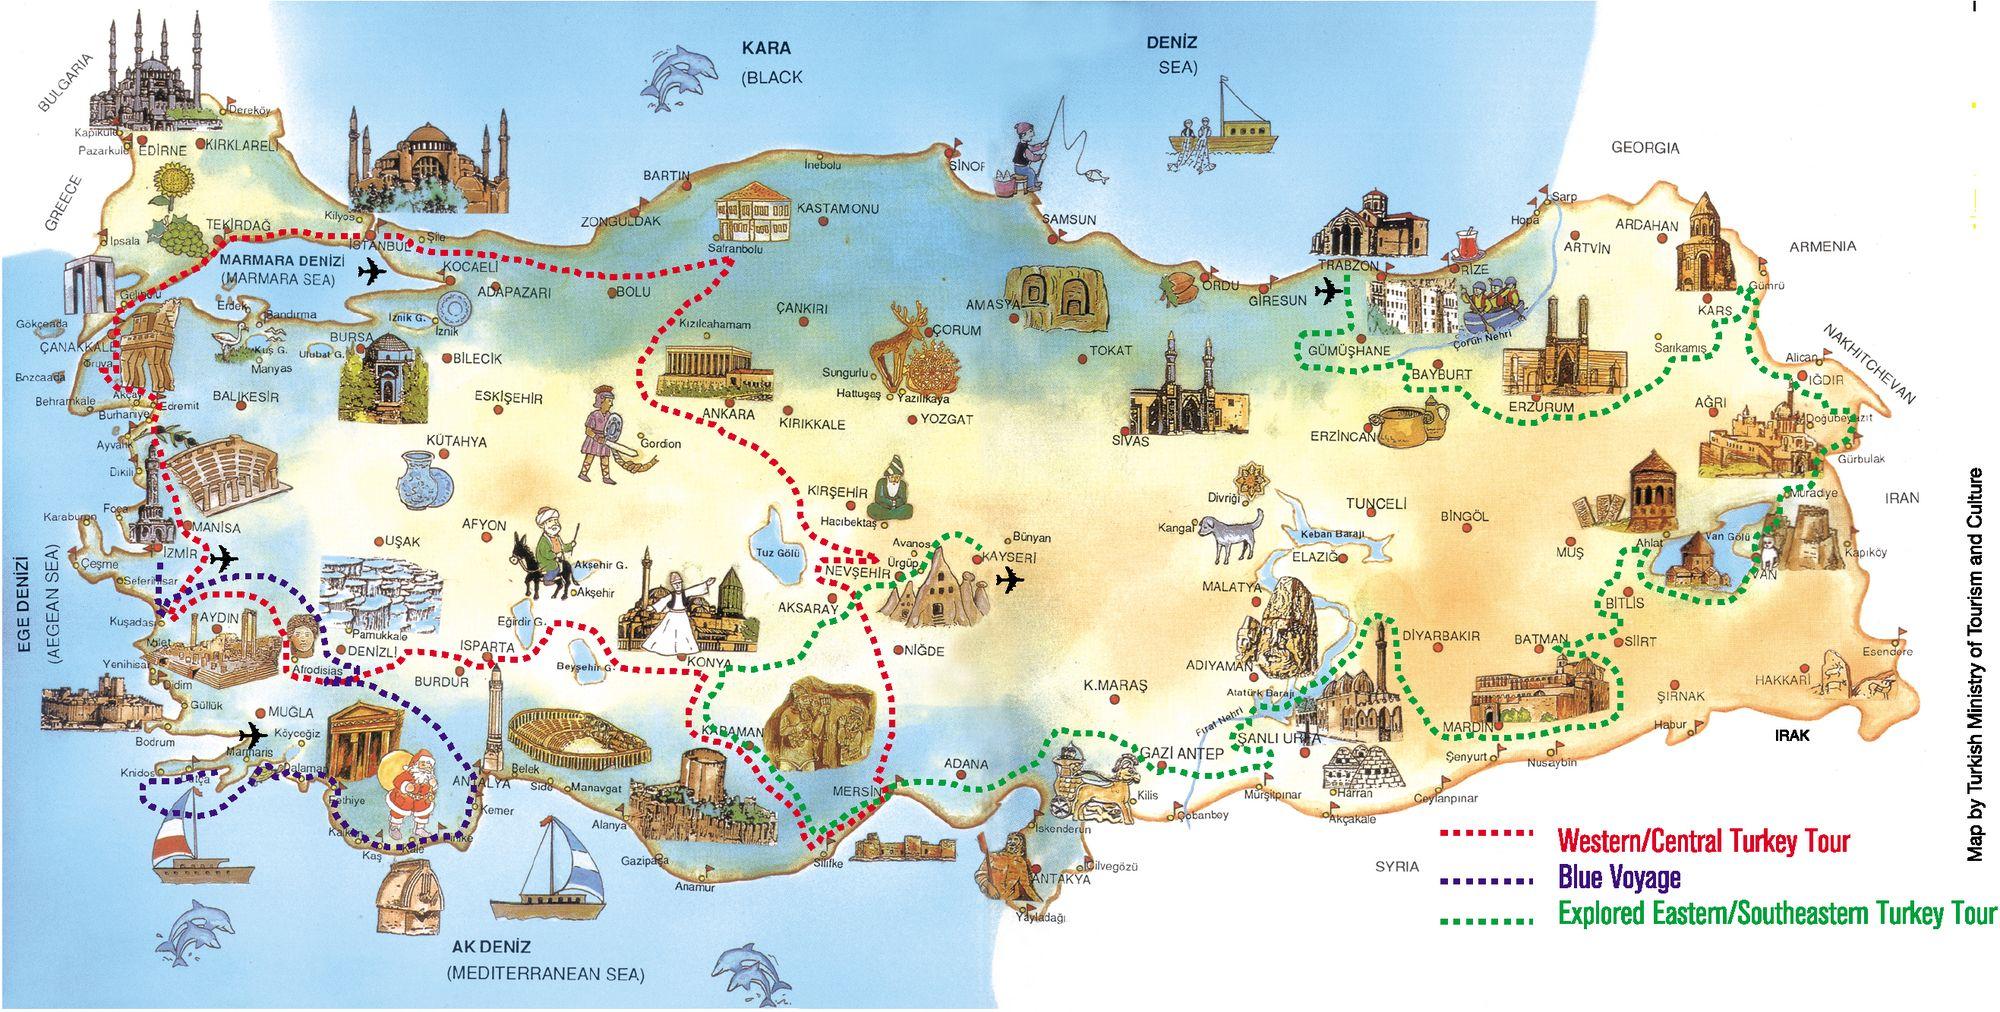 Karta Turcii Na Russkom Yazyke Skachat Kartu Strany Turciya